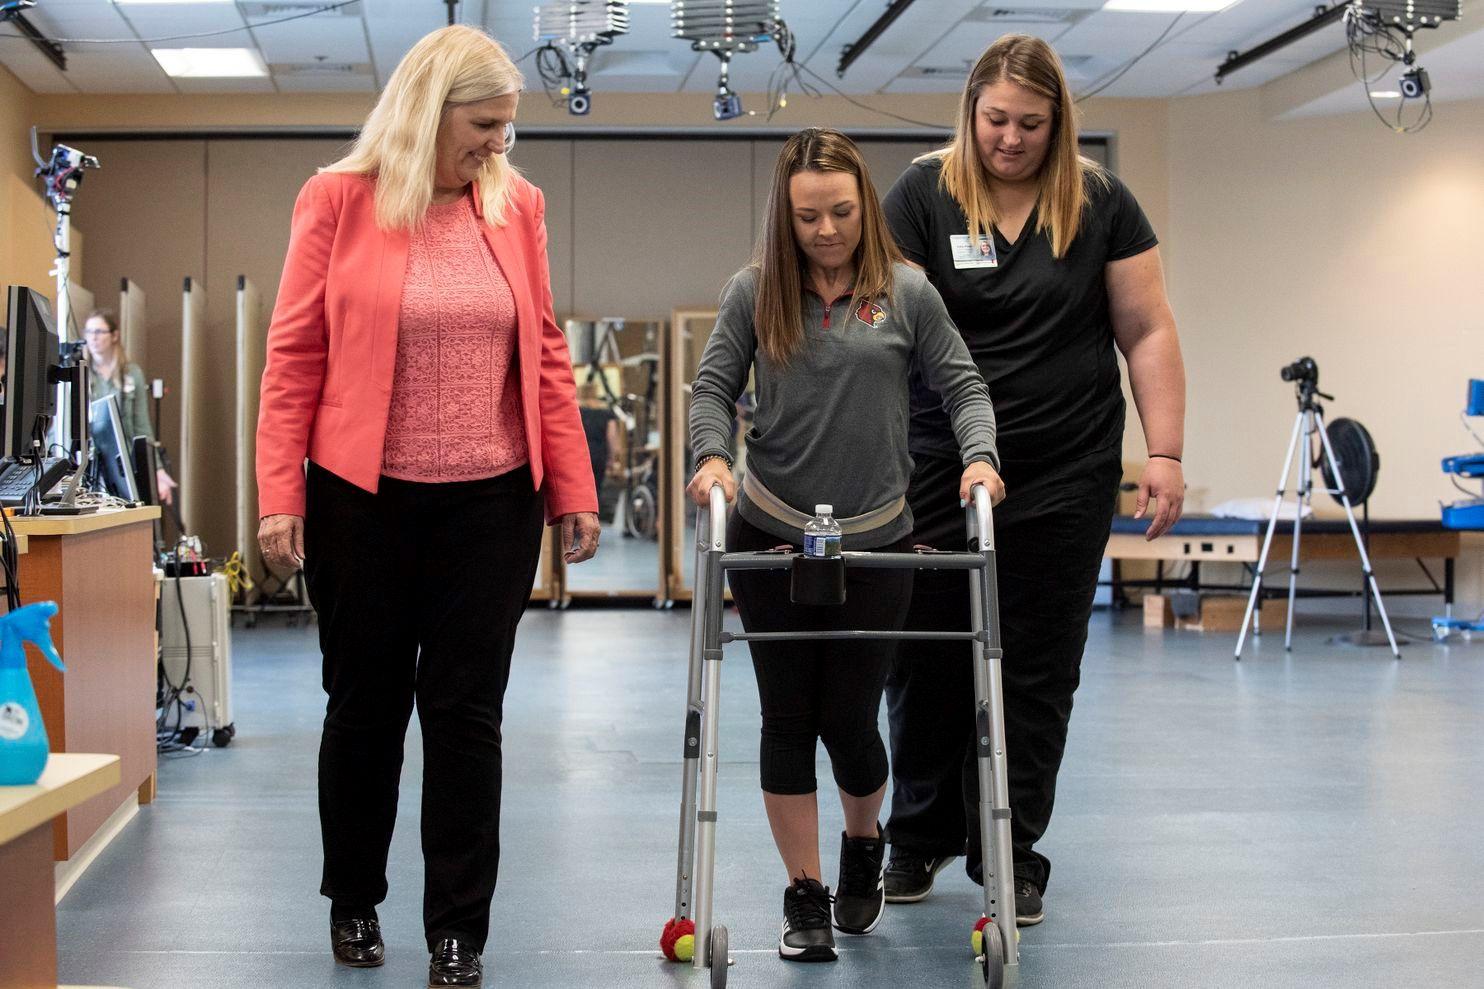 Hy vọng mới cho bệnh nhân bị liệt có thể đi lại bình thường Ảnh 1